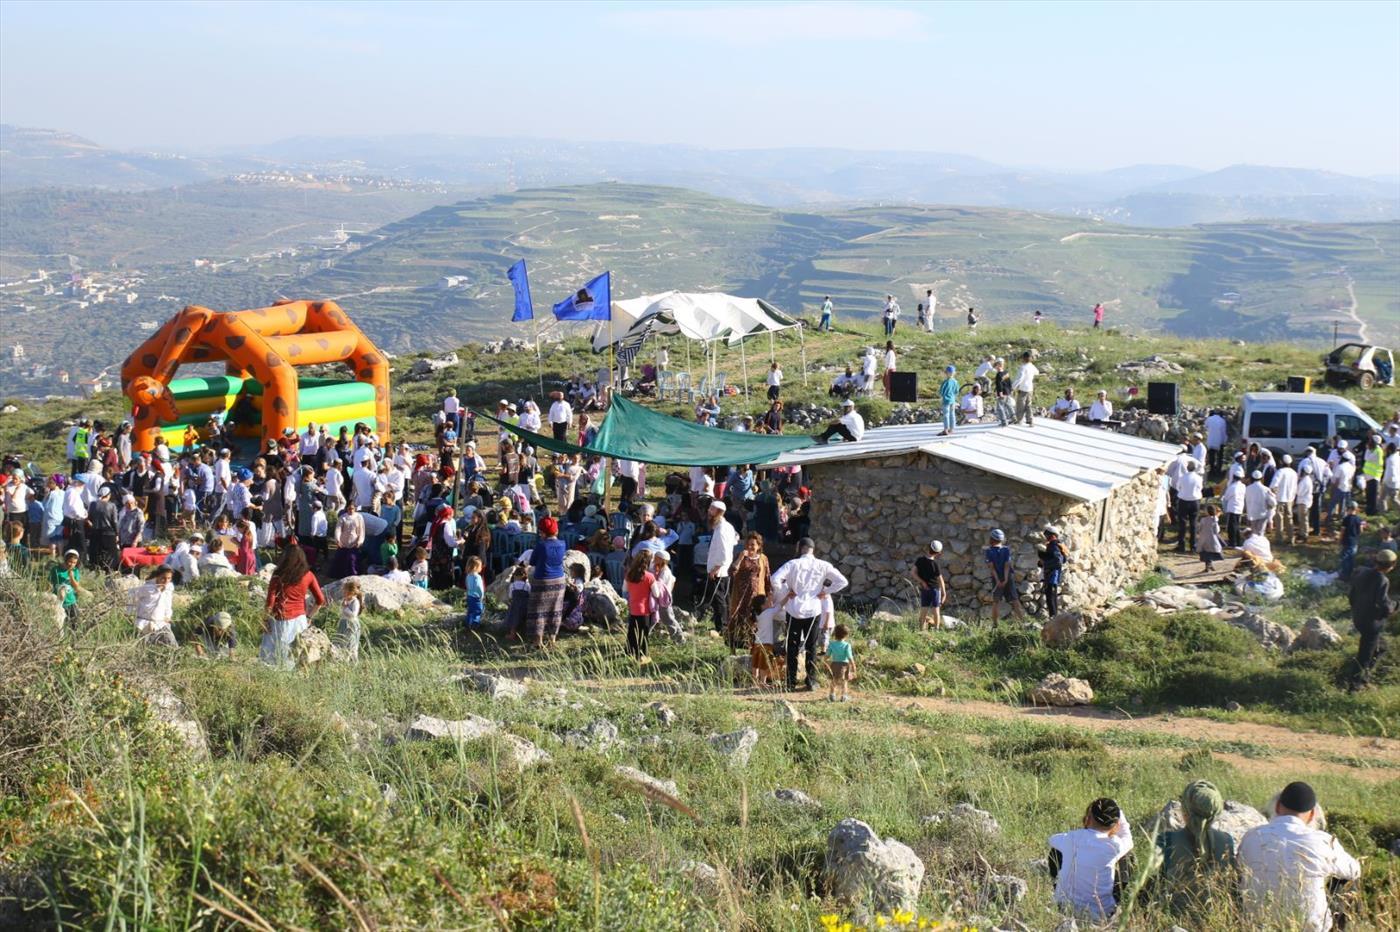 הפנינג שנערך לחיזוק ההתיישבות בגבעות יצהר בשכונת קומי אורי ביצהר (שלמה מלט)